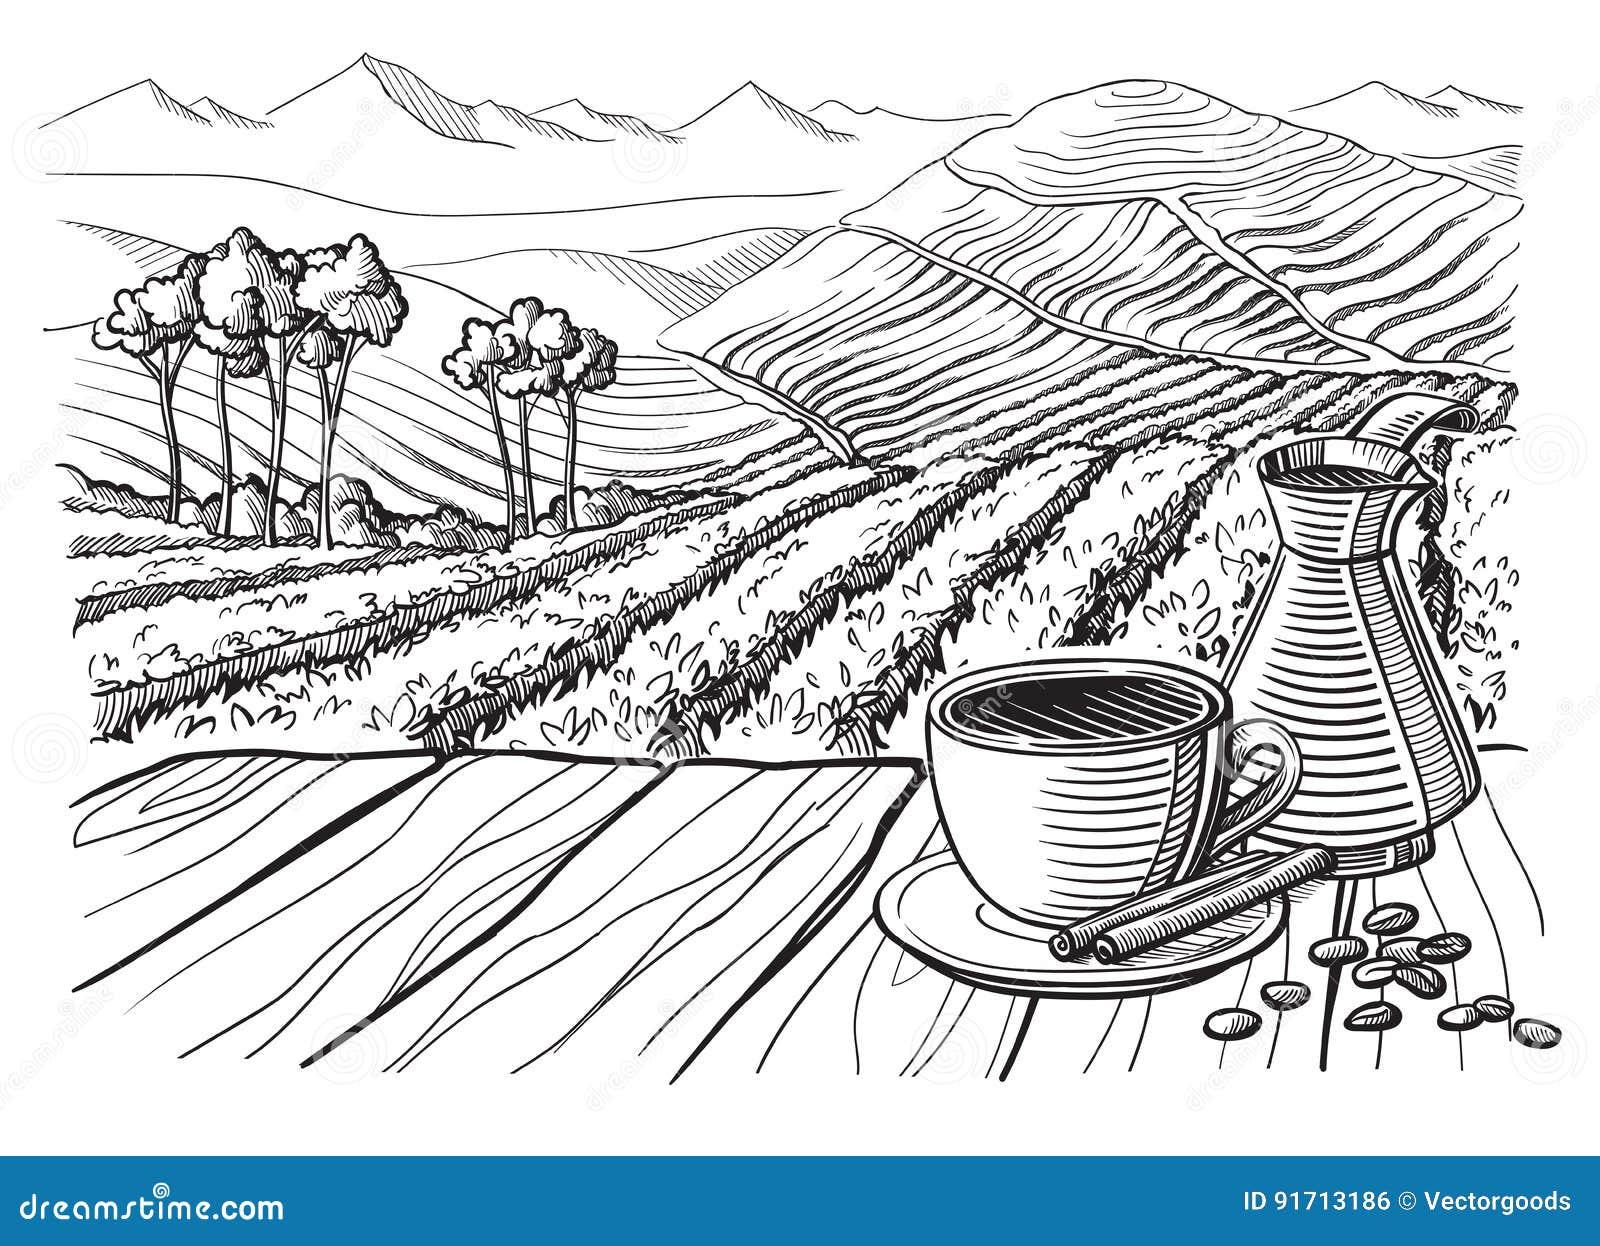 coffee plantation landscape vector illustration 91713186. Black Bedroom Furniture Sets. Home Design Ideas